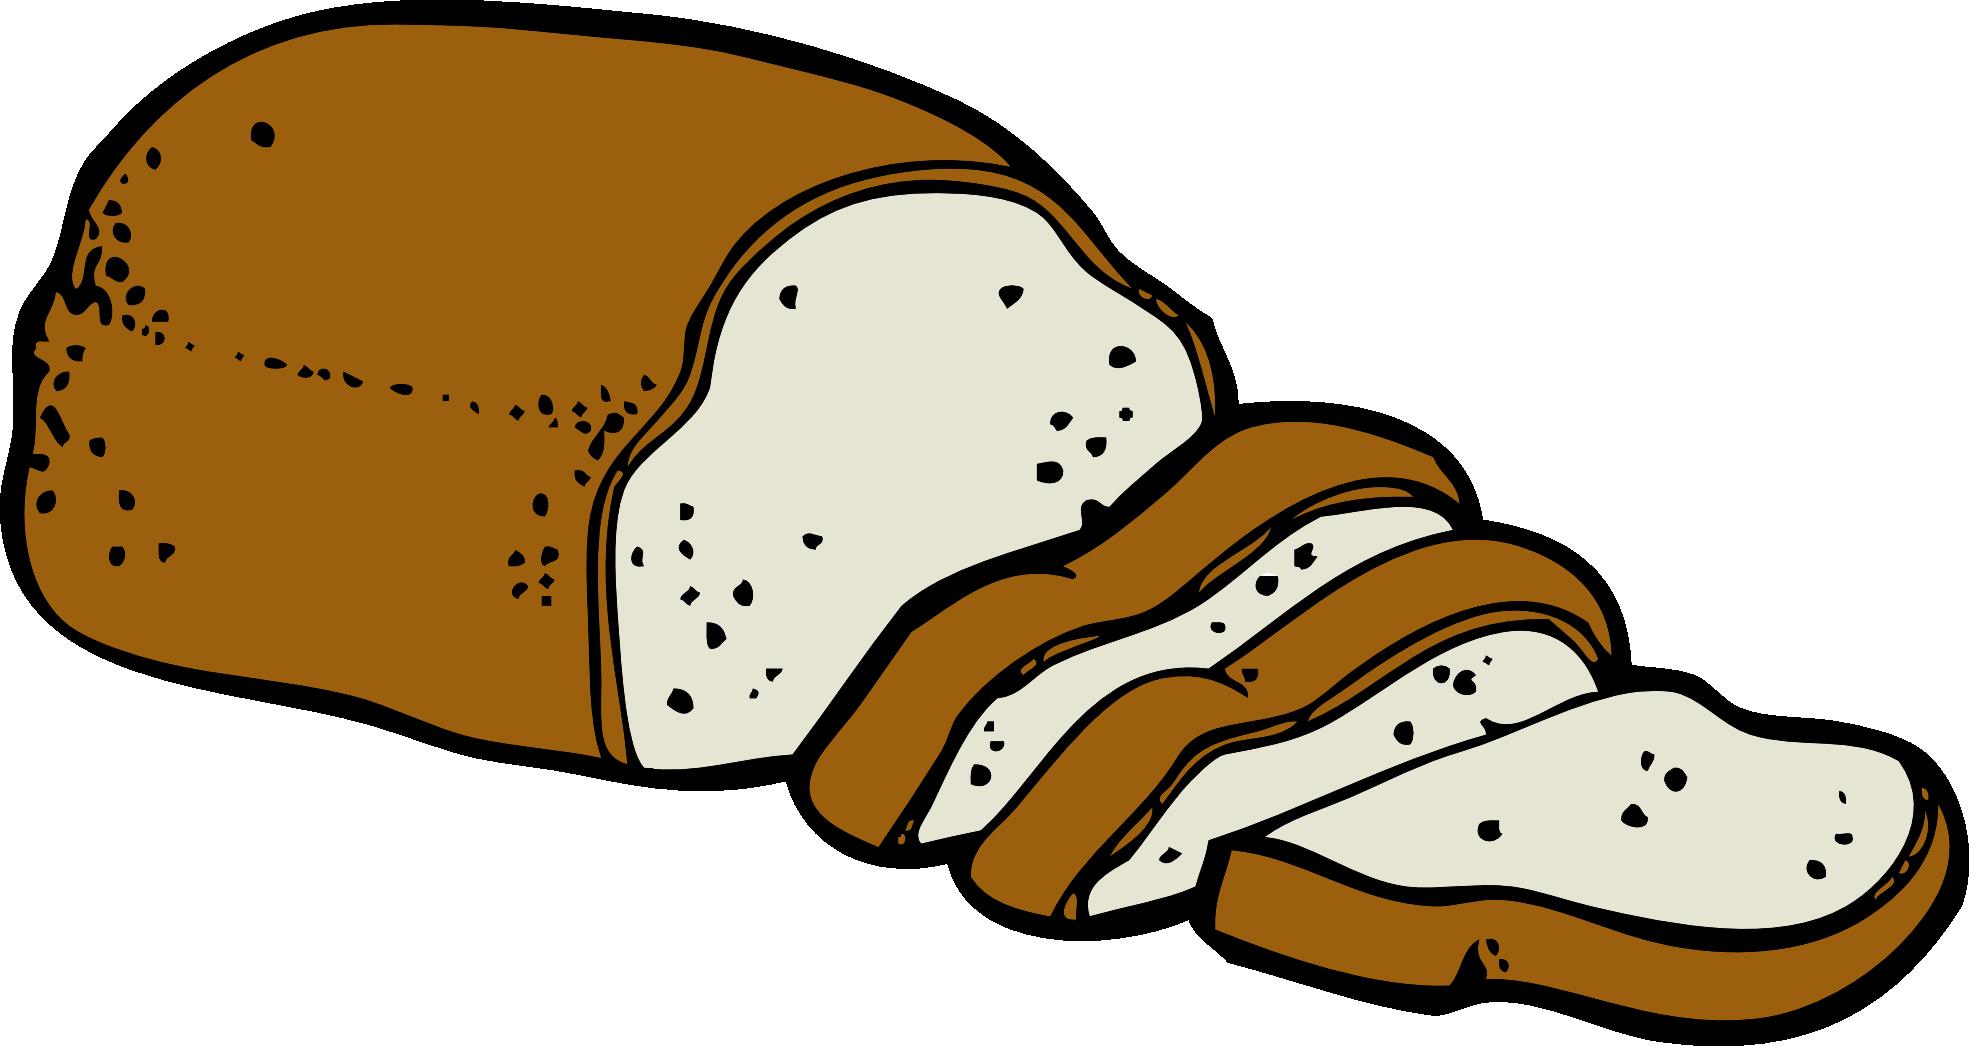 Bread Roll clipart bap Bread clipart images com 5